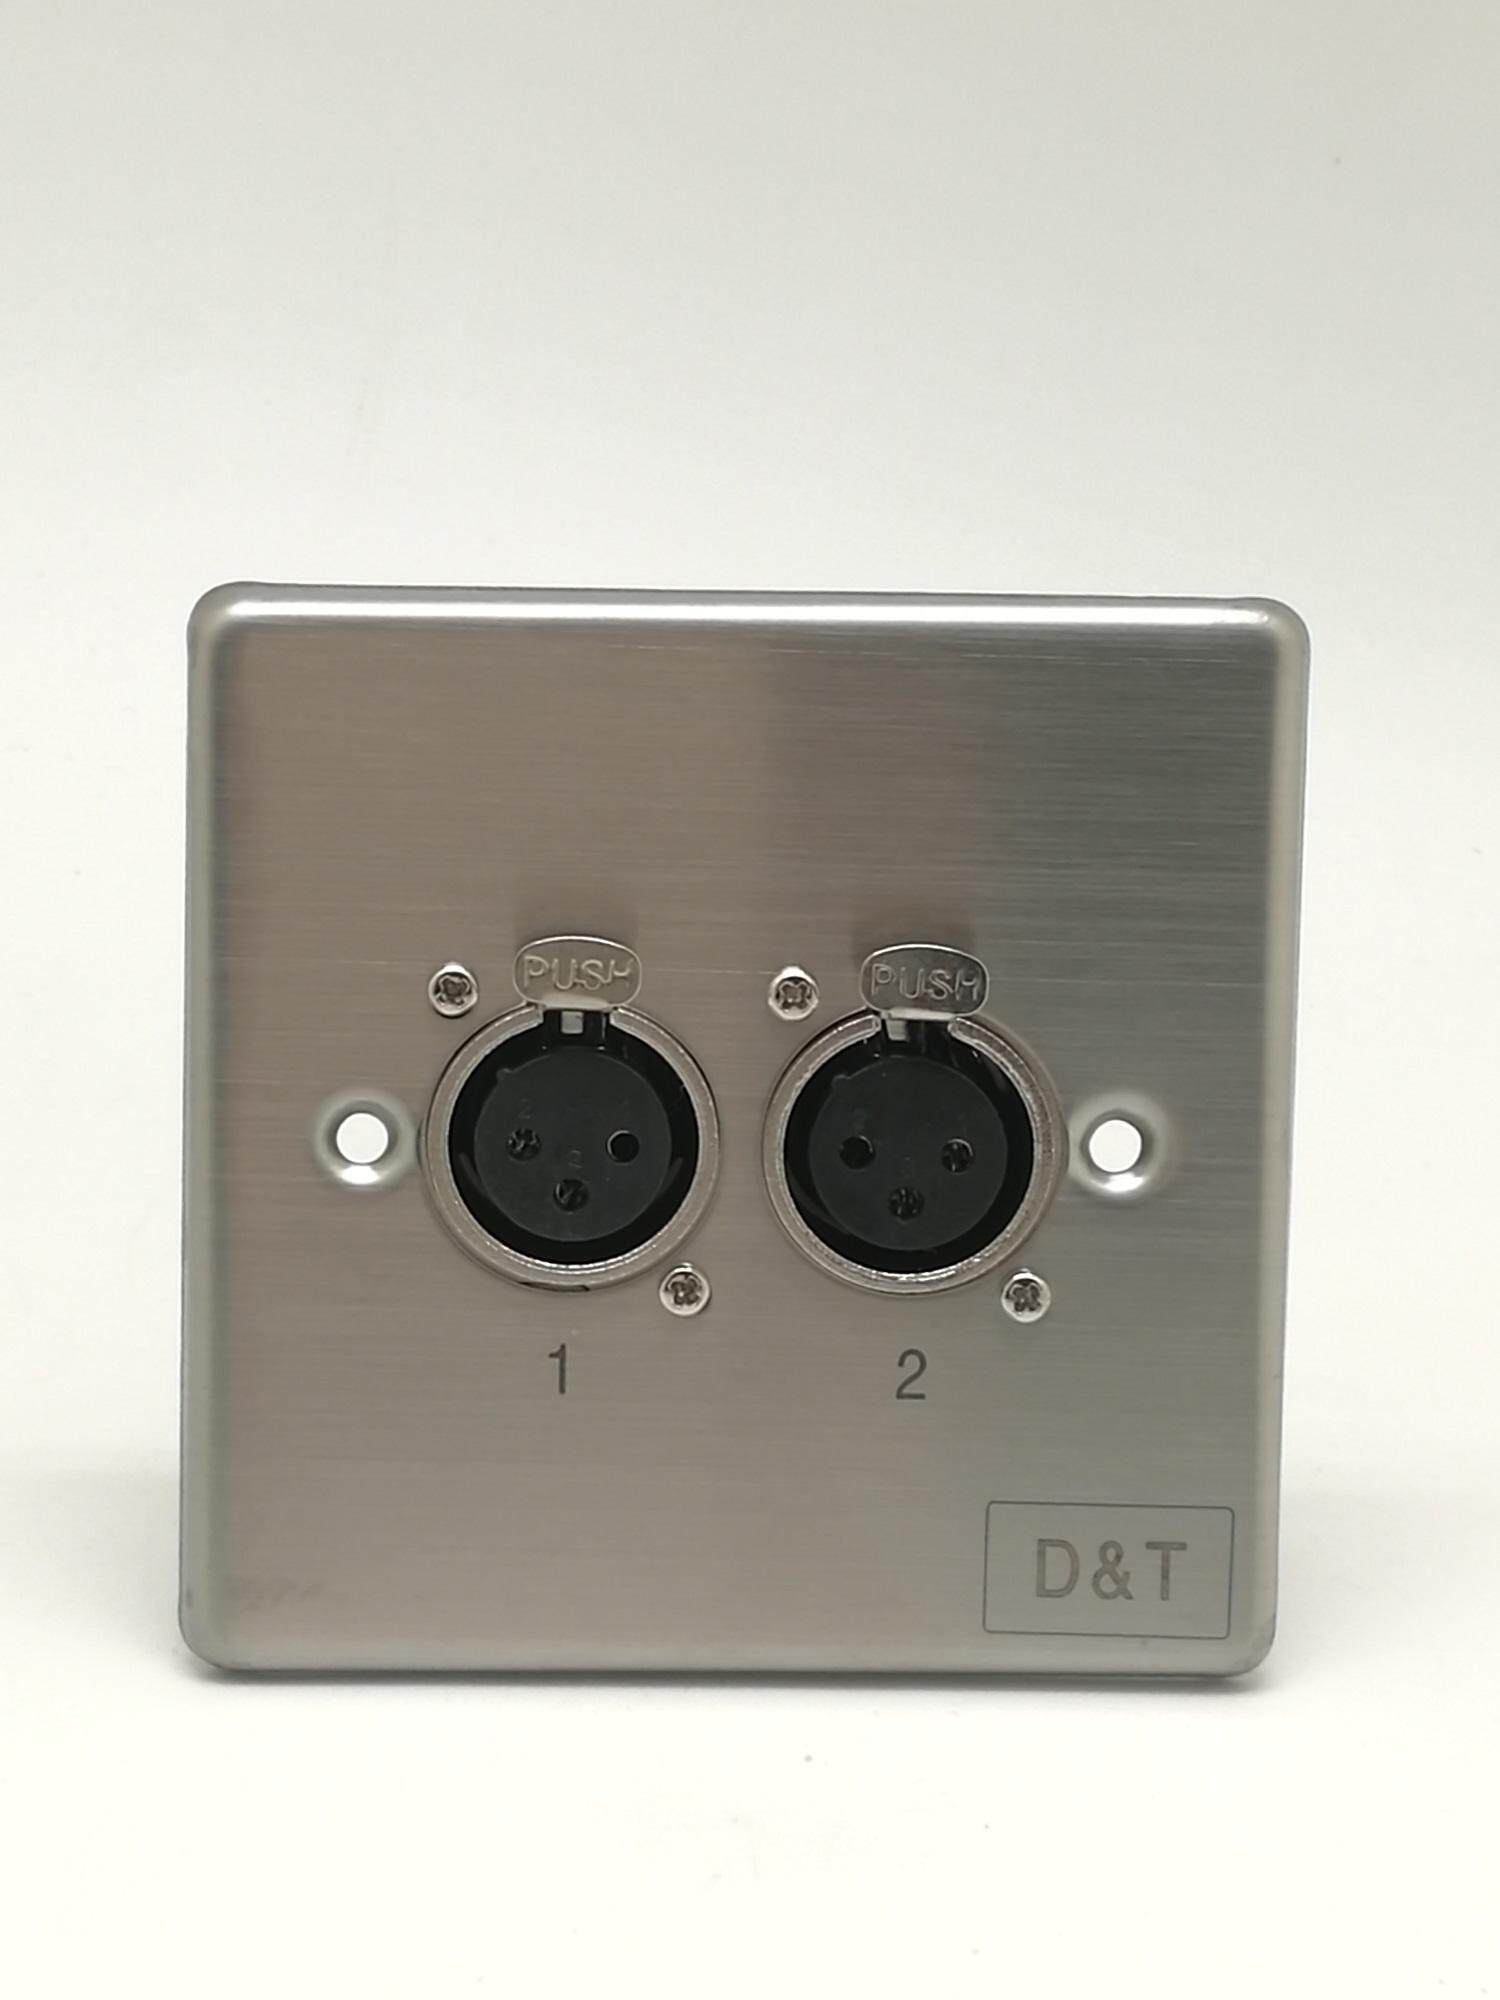 D&T Dual XLR Female 3 x 3 Metal Wall Plate - CMMTDT-337 Malaysia